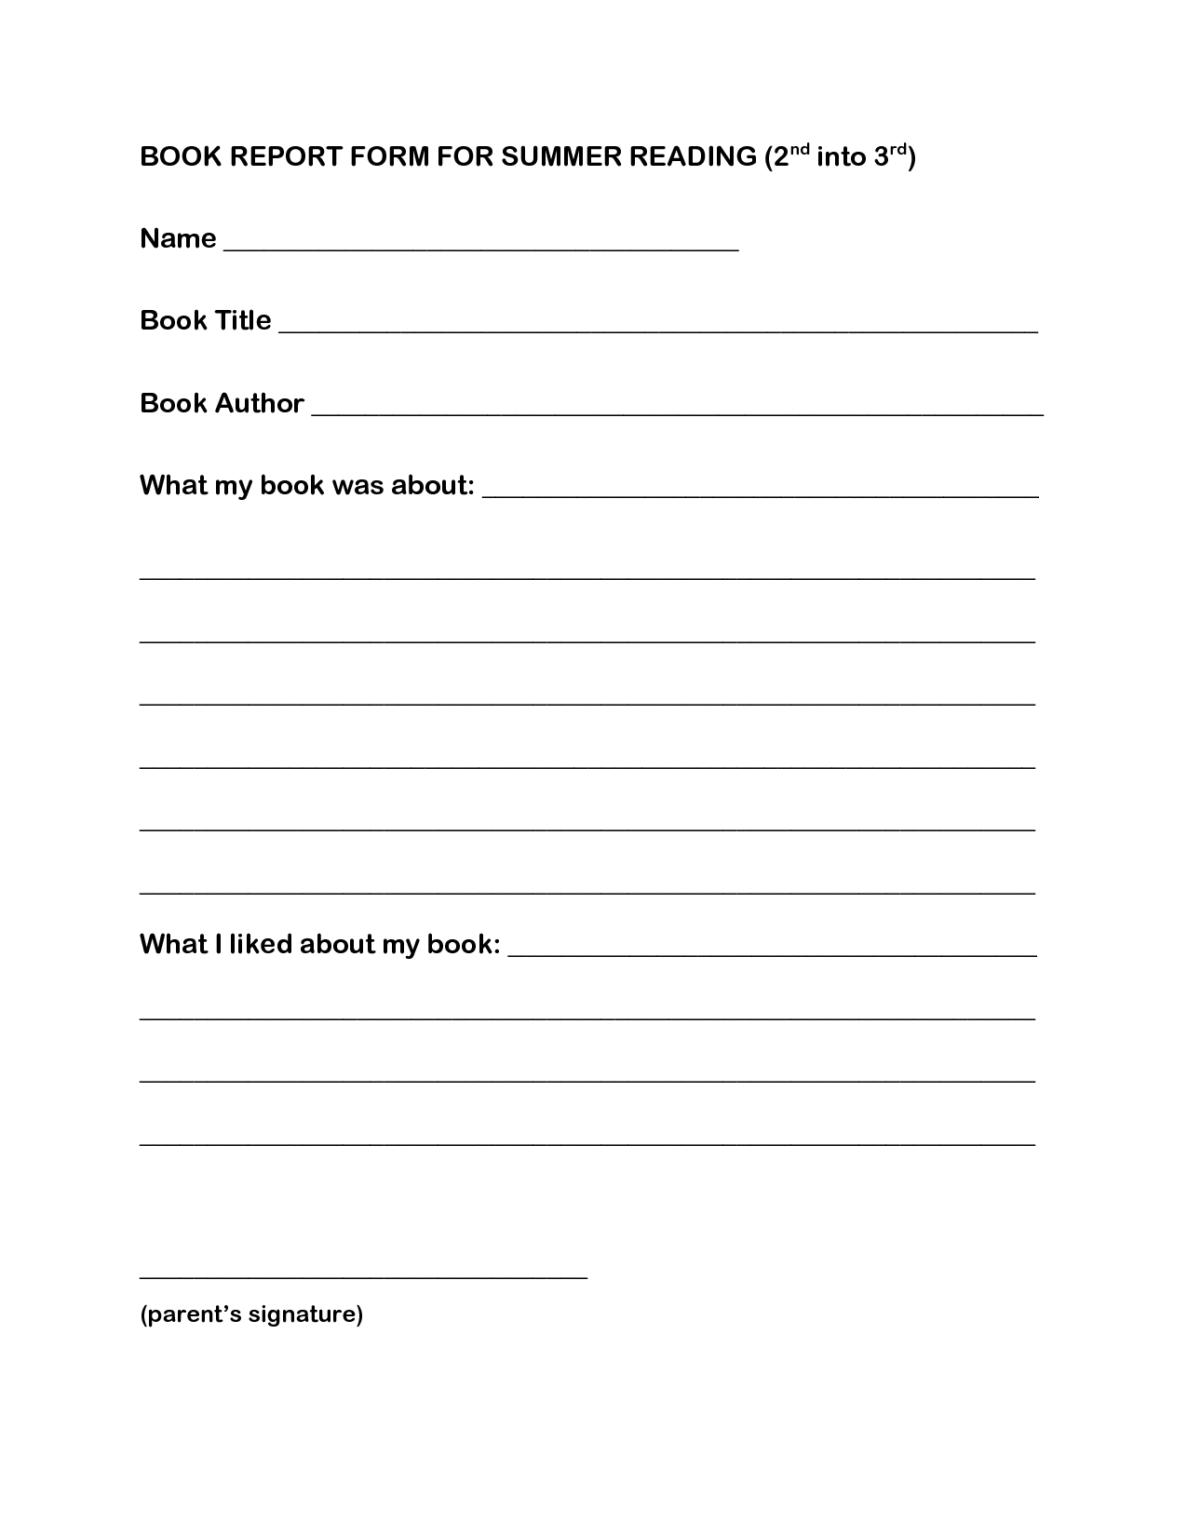 Worksheet Book Report